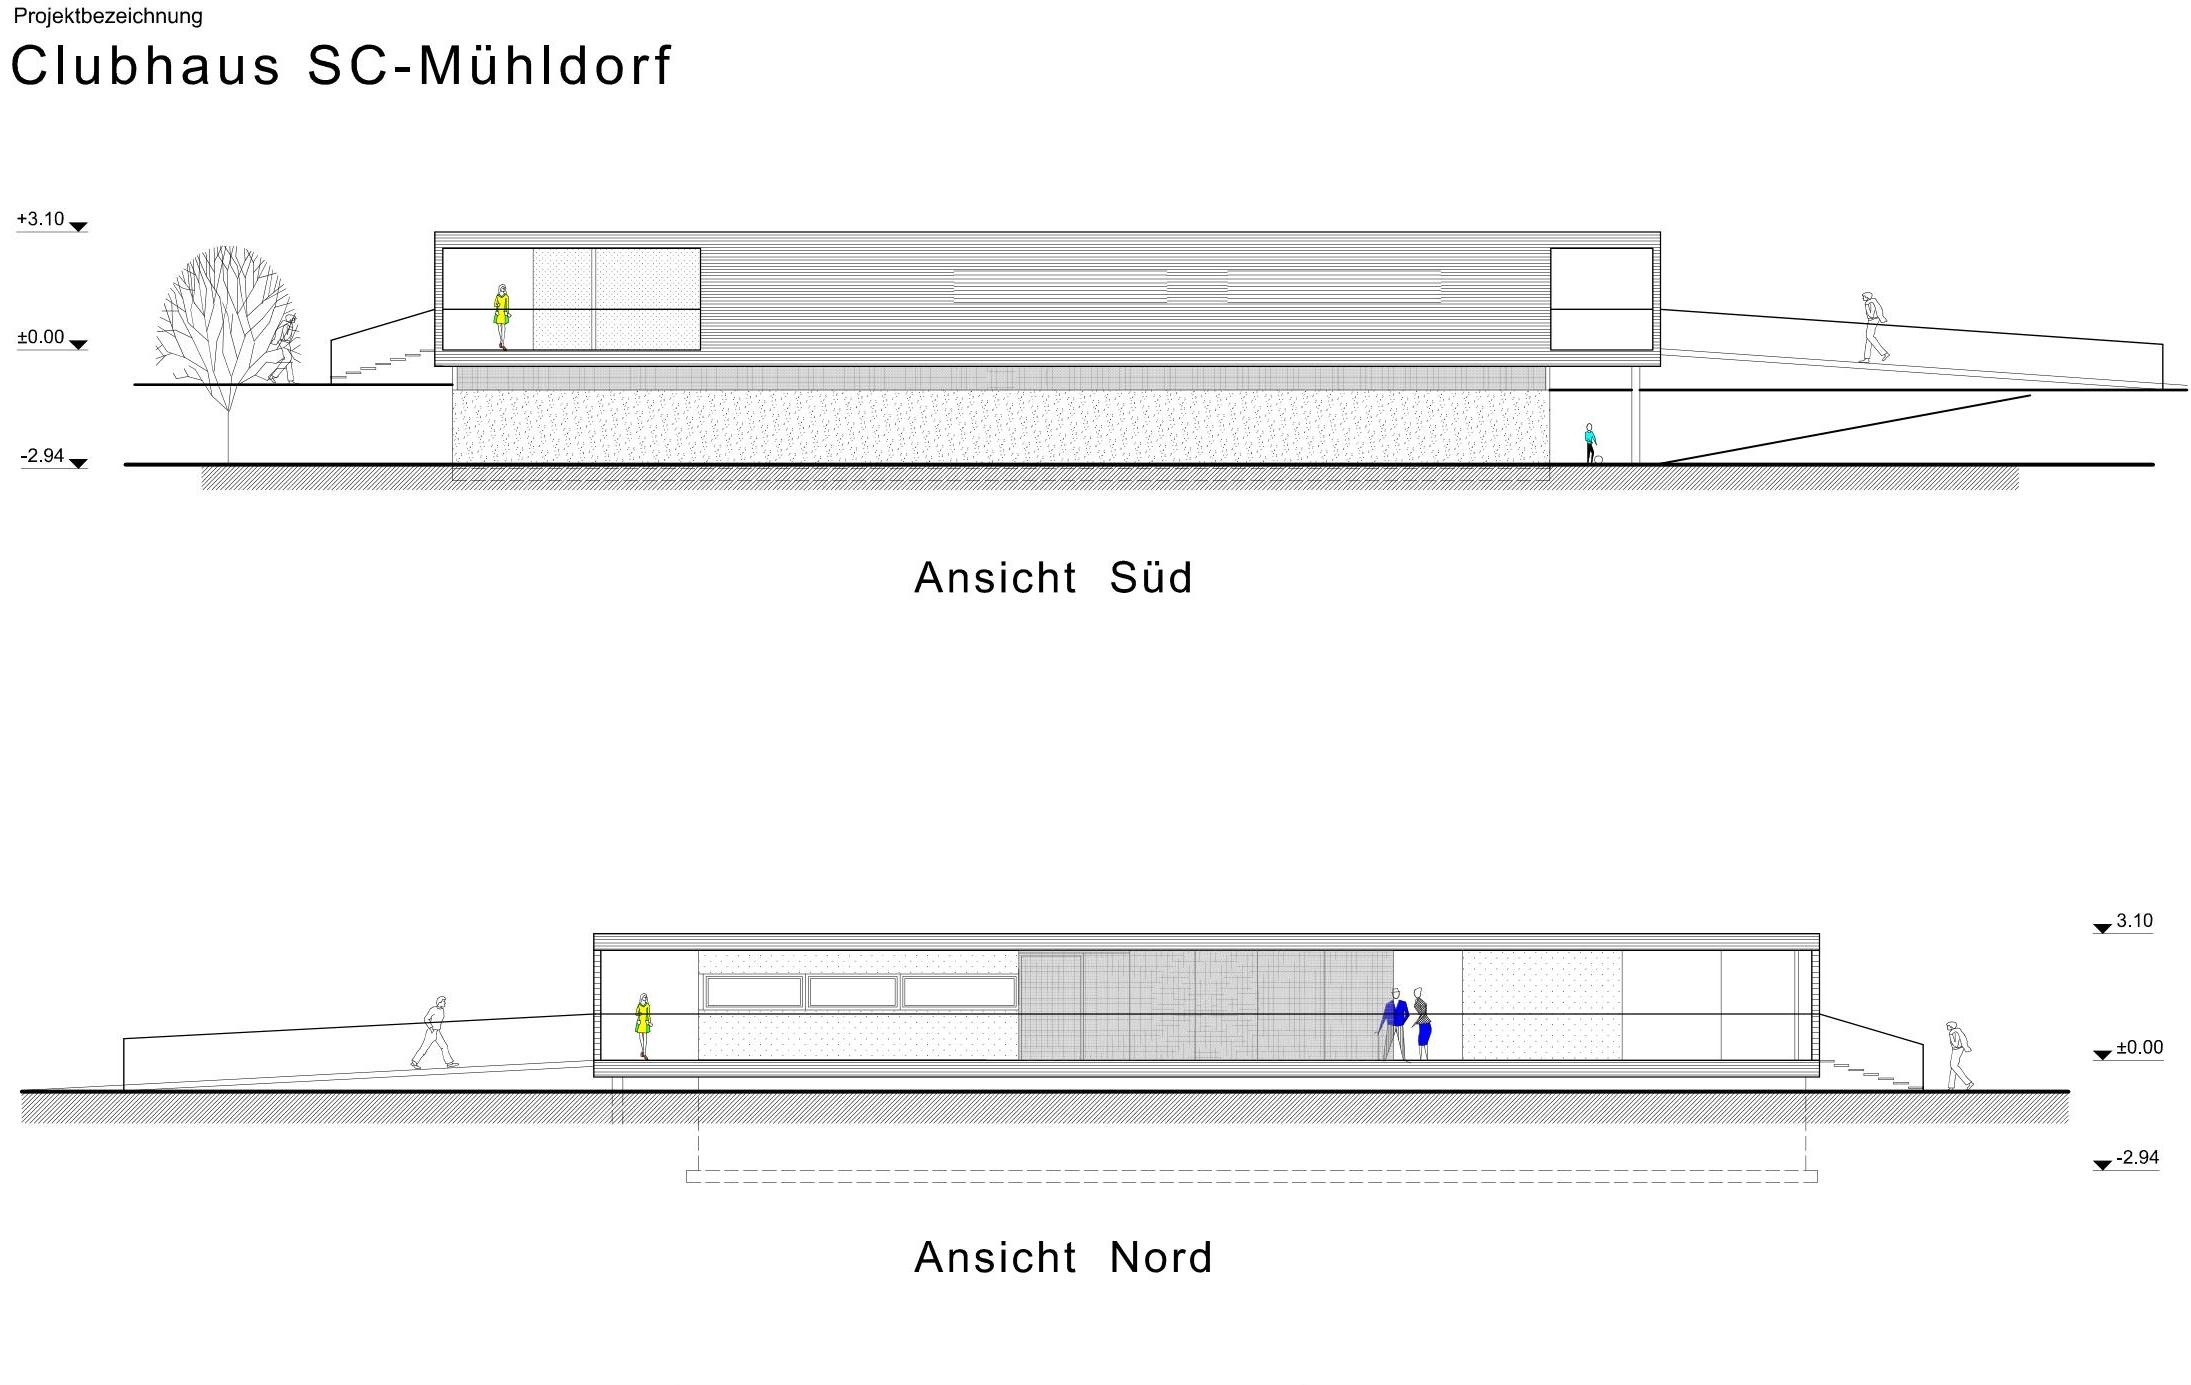 https://0501.nccdn.net/4_2/000/000/079/c81/Landesbaupreis-2008_SC-Clubhaus-M--hldorf_-Ansichten-S--d---Nord_Page_1-2191x1385.jpg